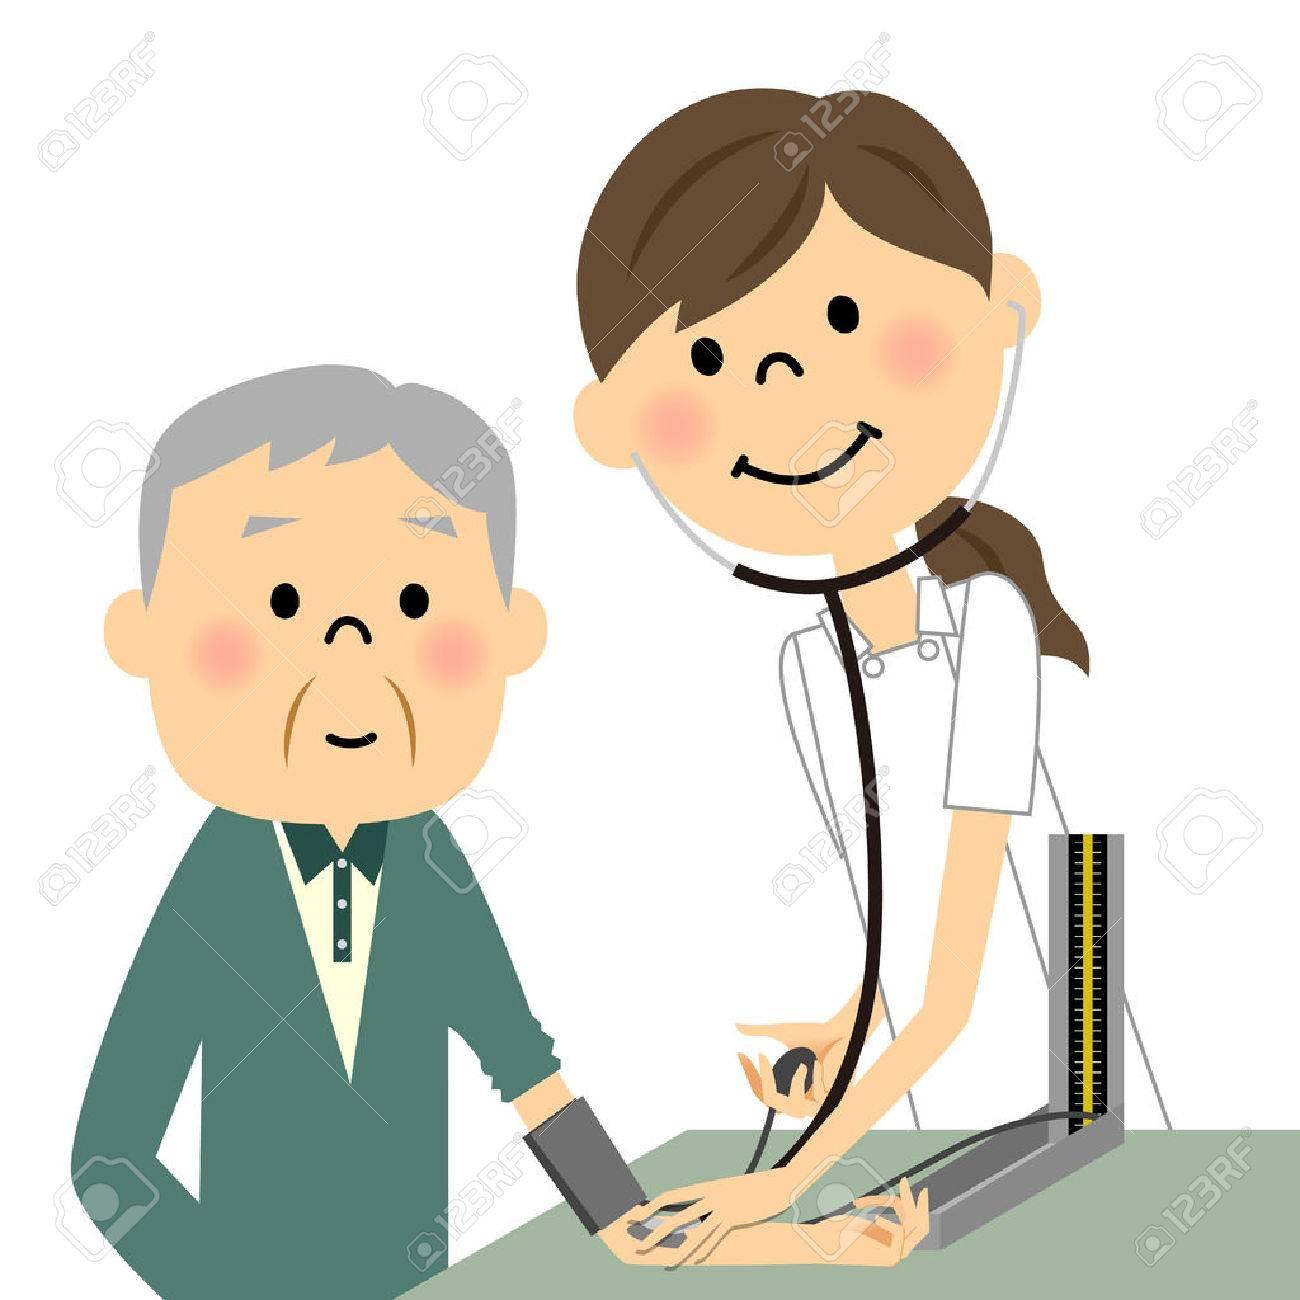 پرسشنامه صلاحیت و شایستگی پرستاران